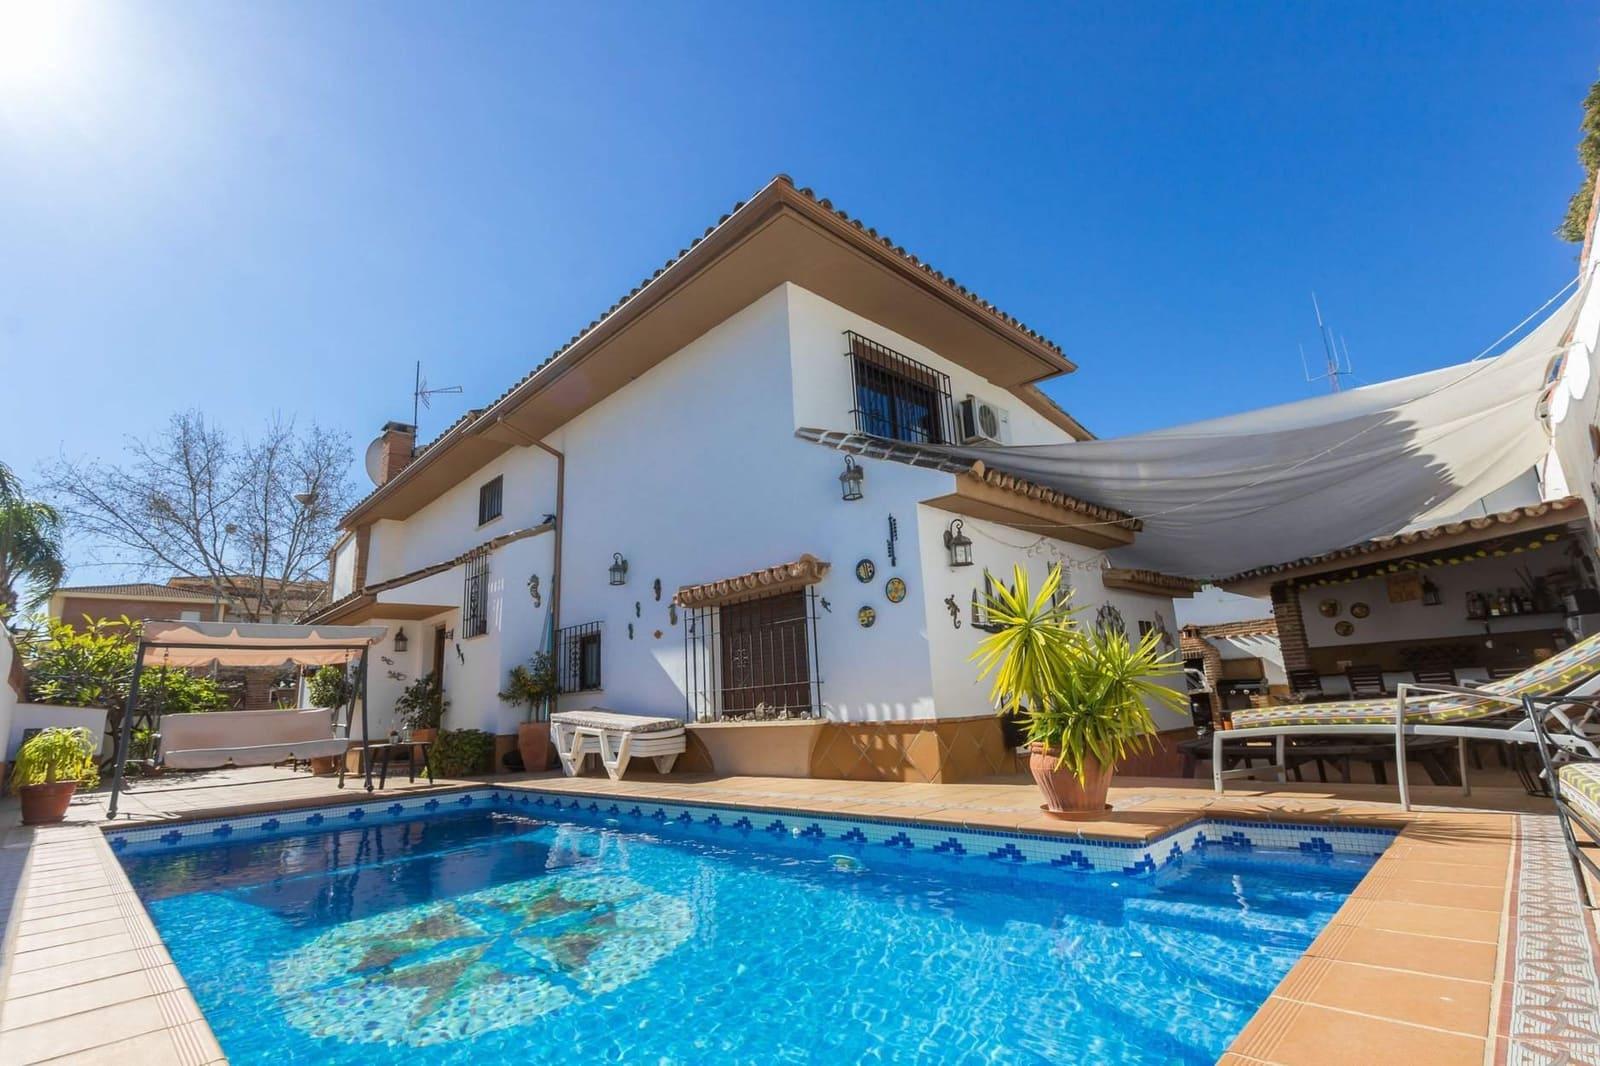 5 bedroom Villa for sale in Benalmadena - € 690,000 (Ref: 4203832)